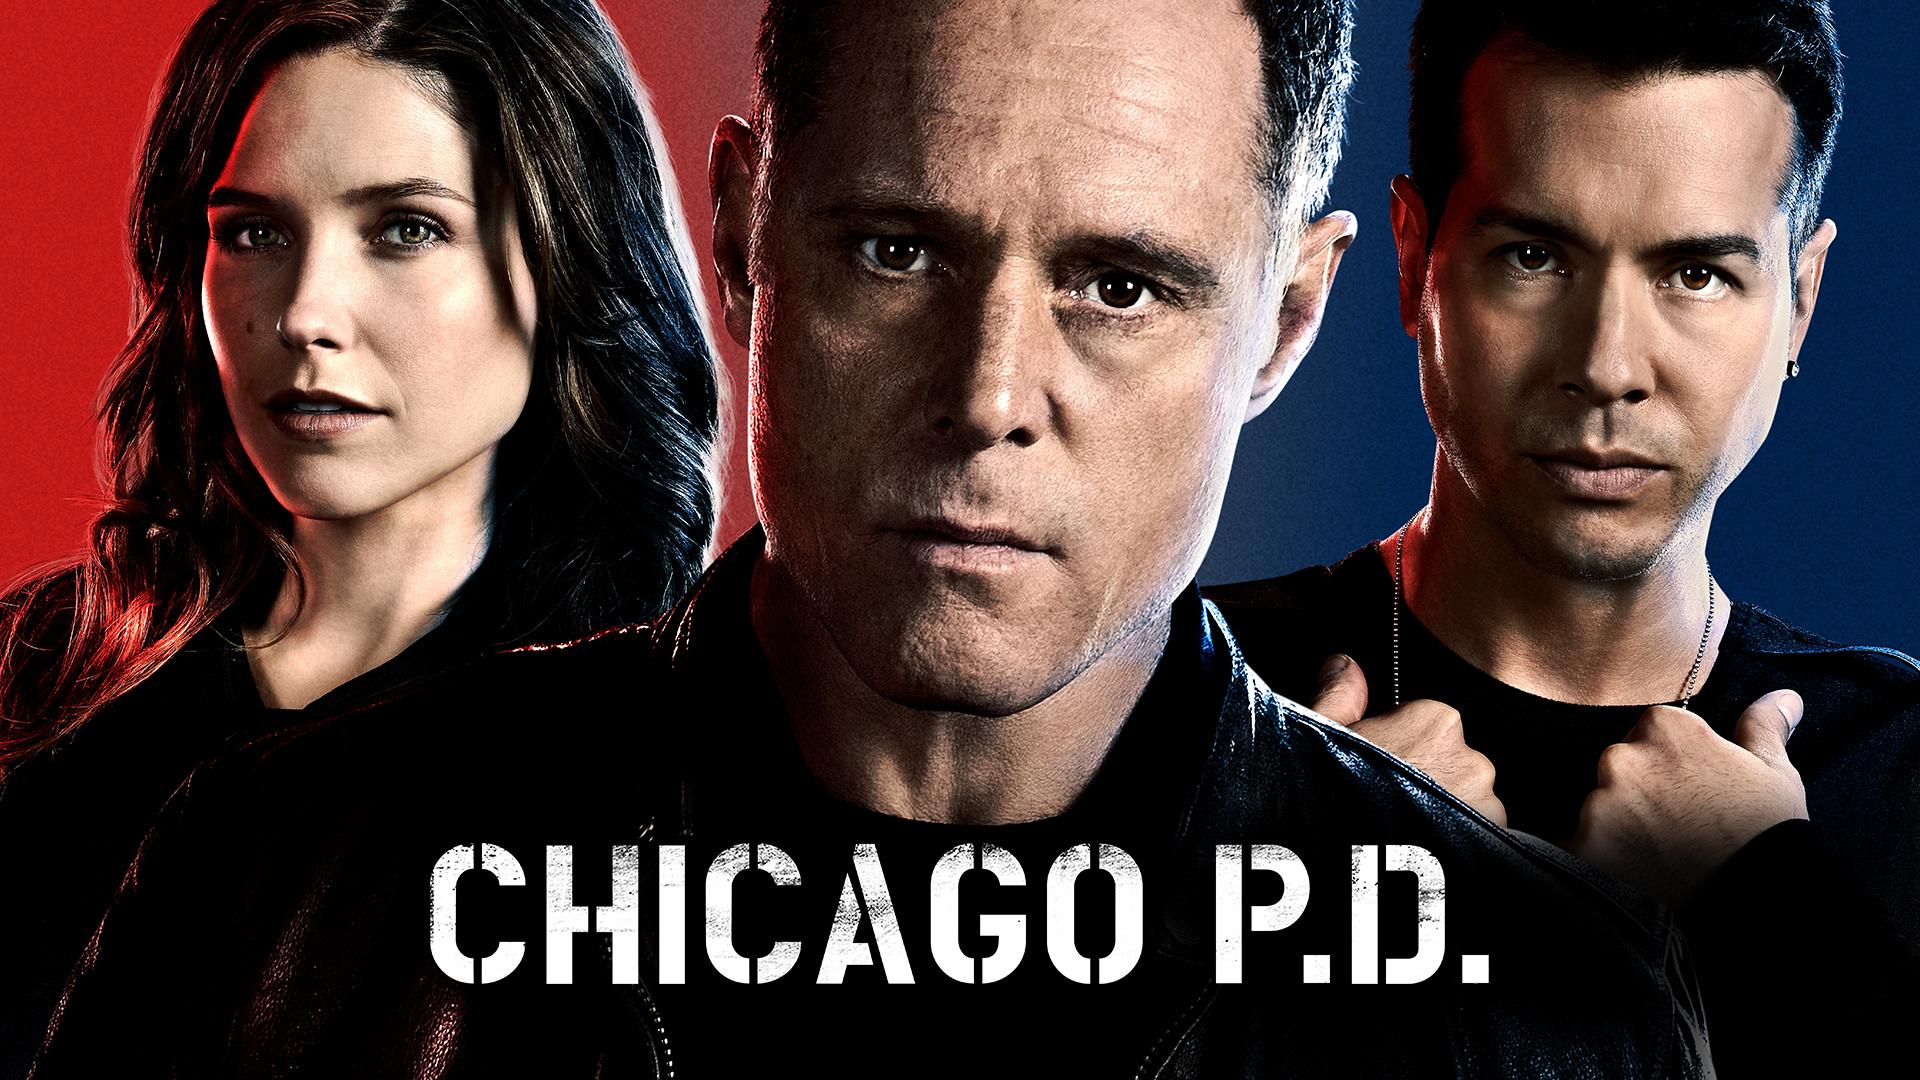 Chicago P.D. Sezonul 03, Episodul 10 – Online subtitrat HD